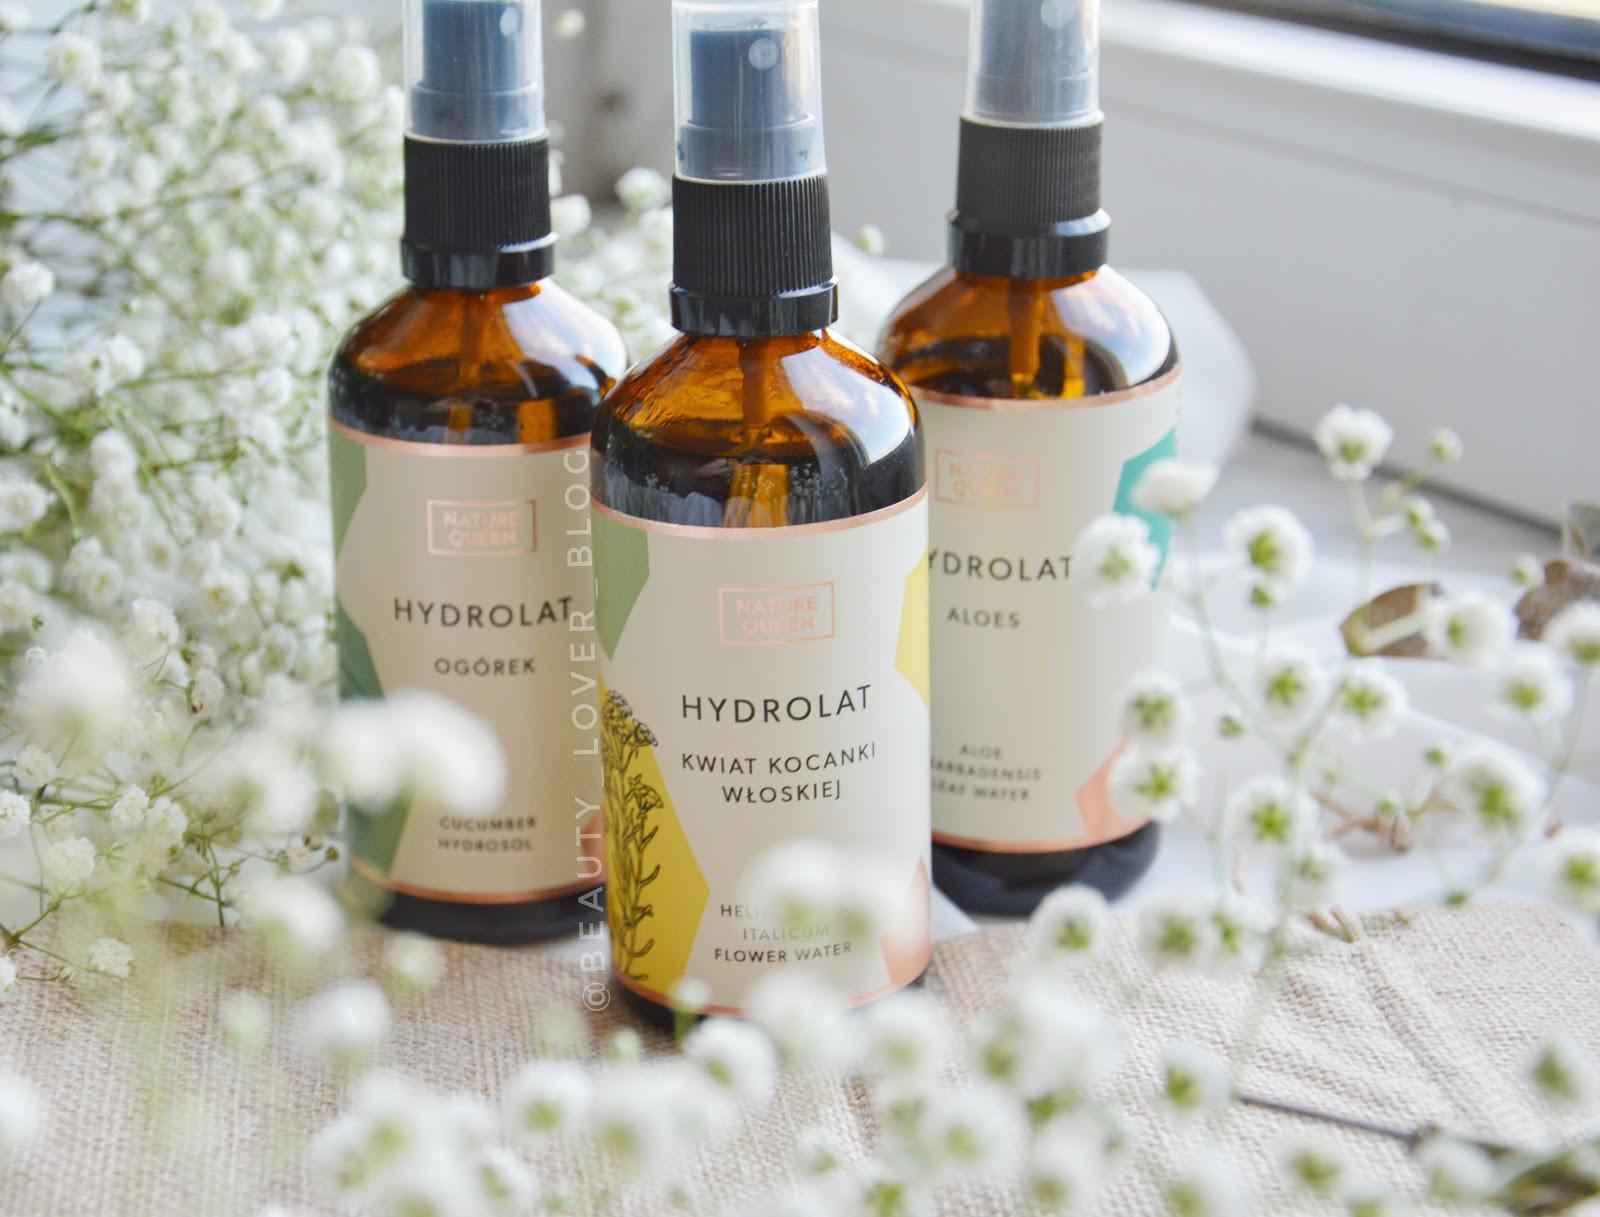 Trzy hydrolaty trzy zastosowania- aloes, ogórek i kwiat kocanki od Nature Queen